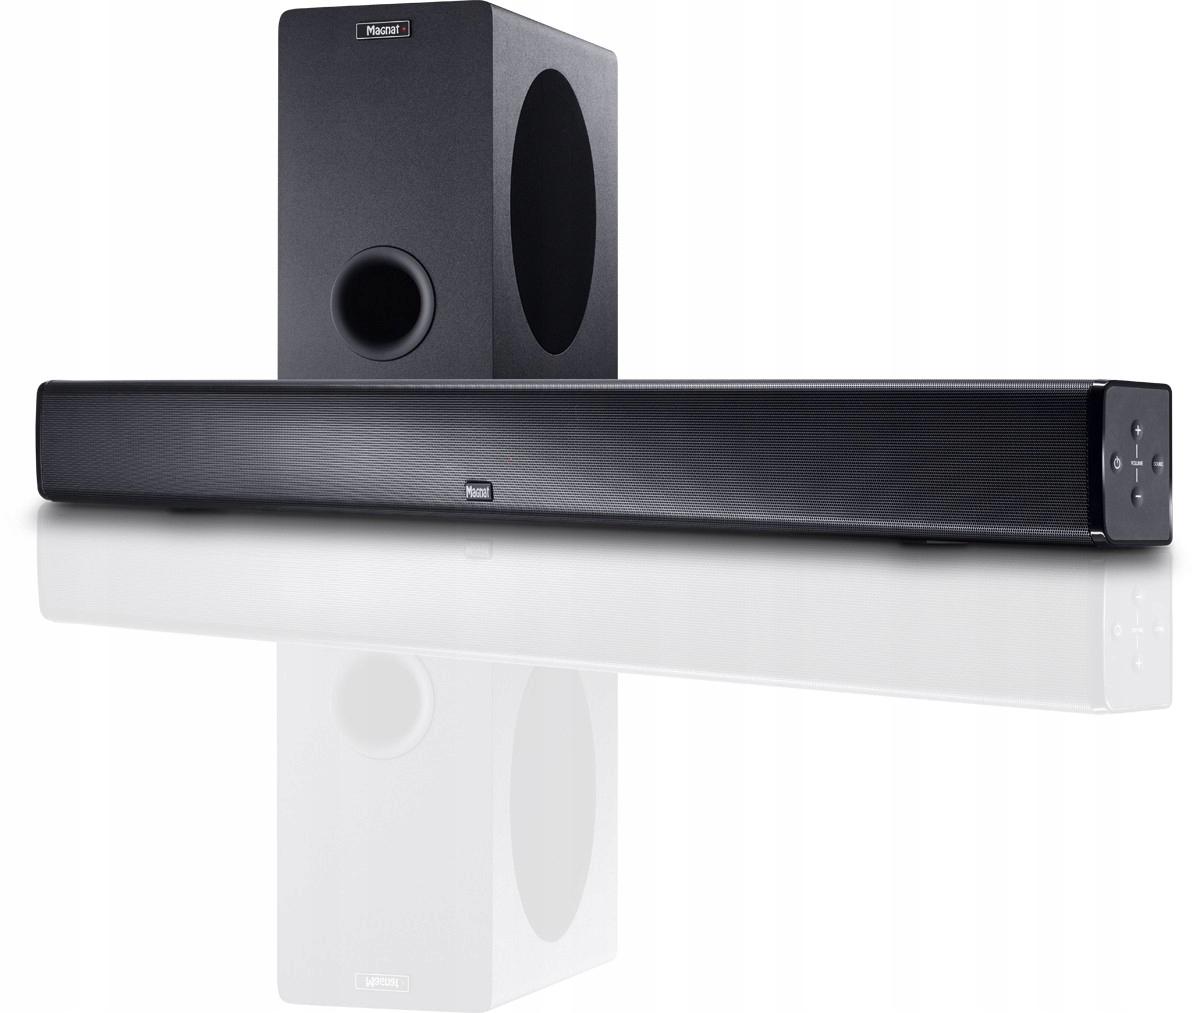 MAGNAT Soundbar SBW 250